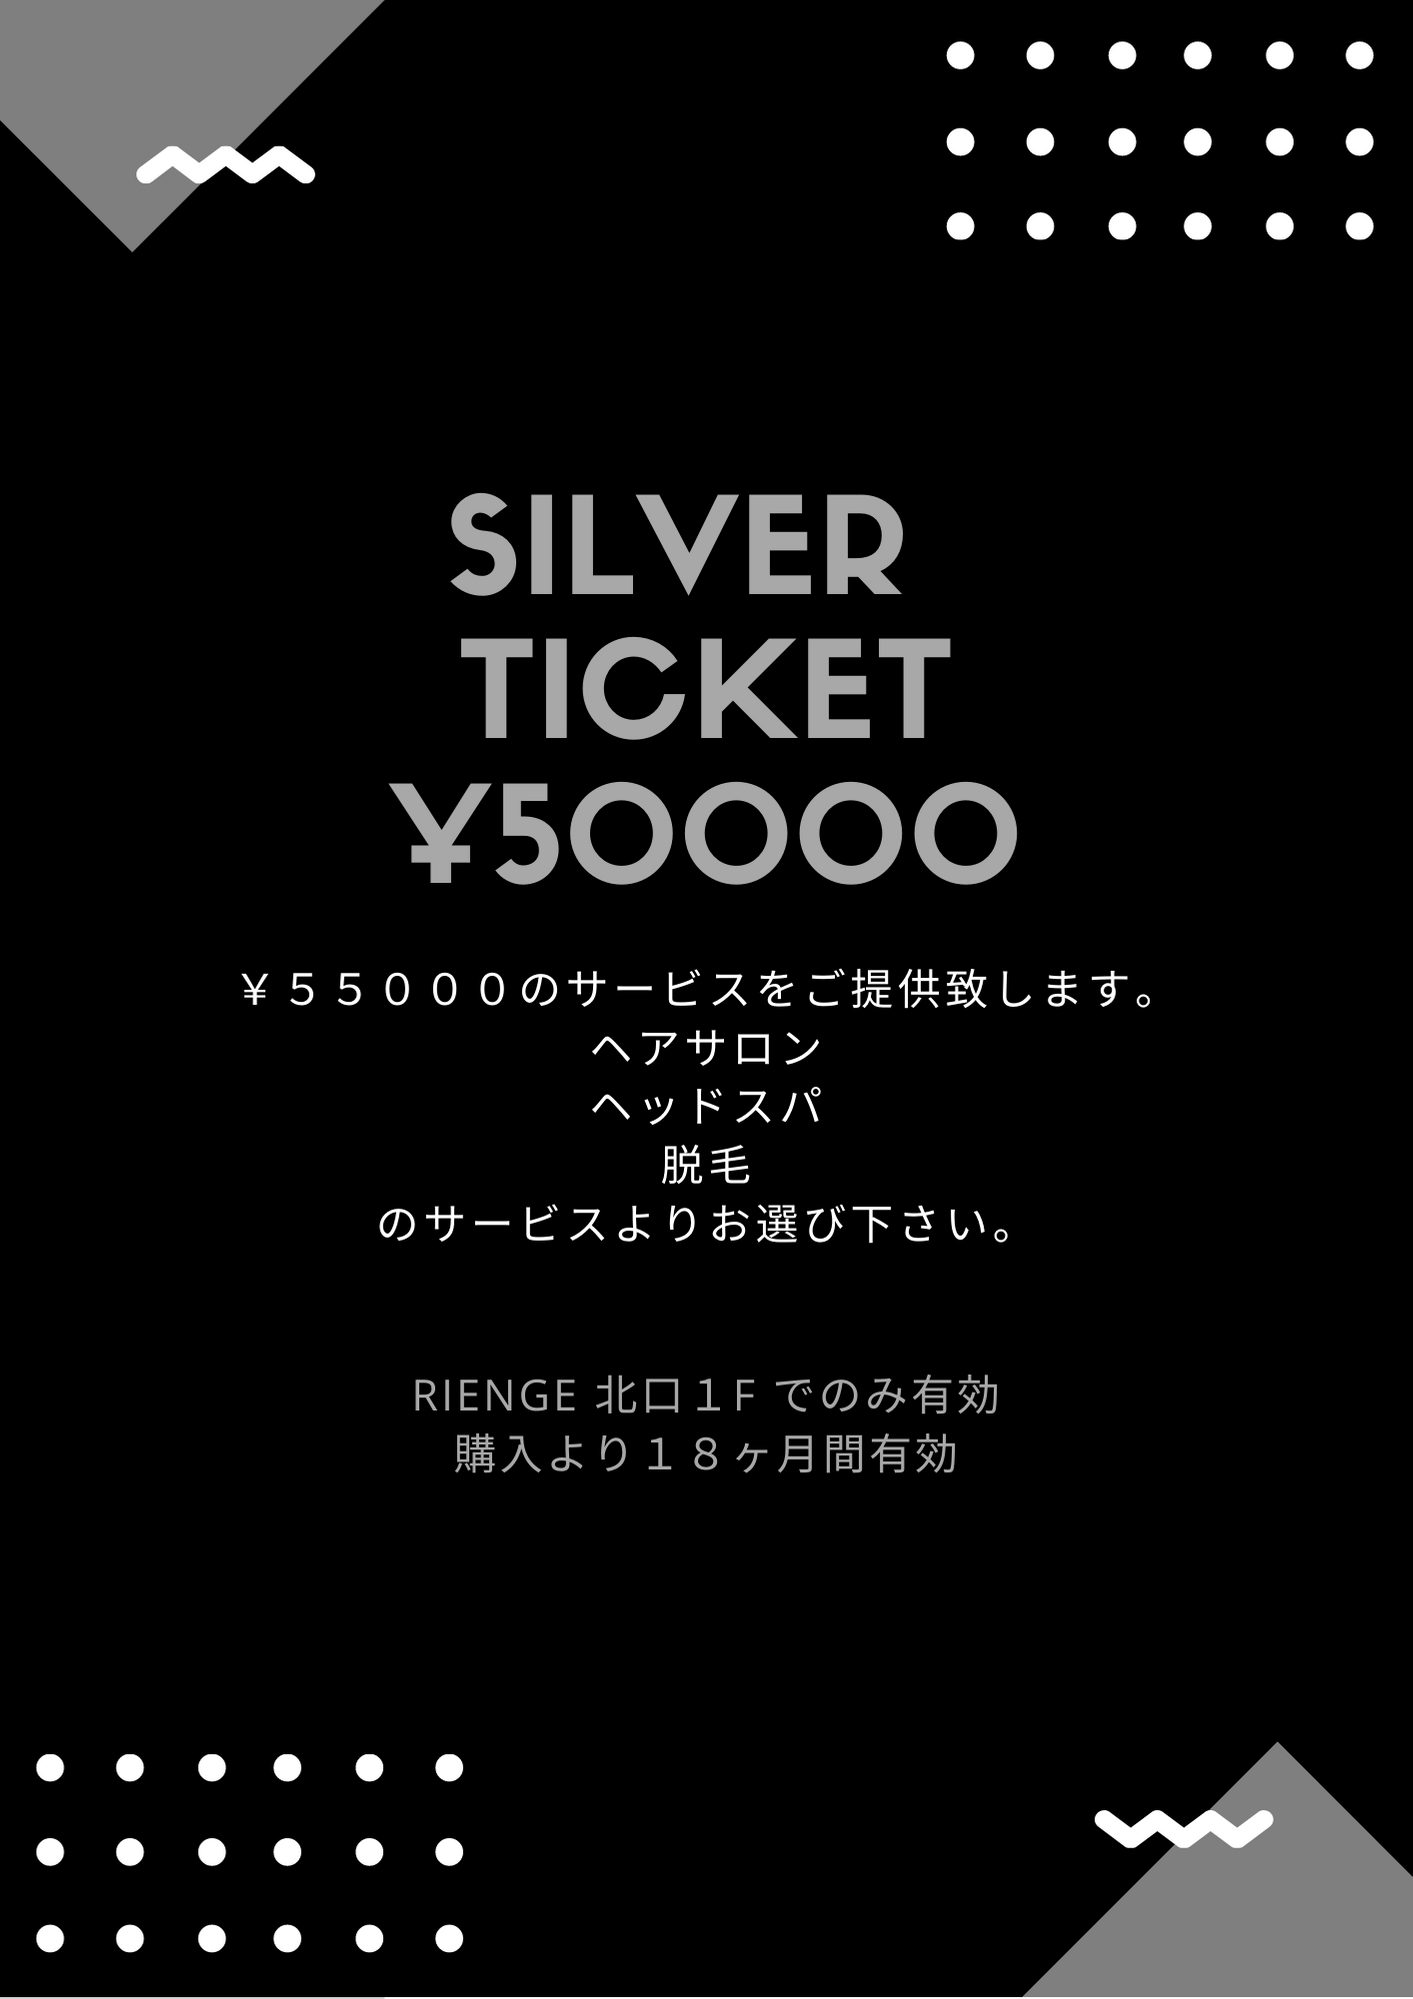 5000円OFFになる、お得なチケットございます☺️